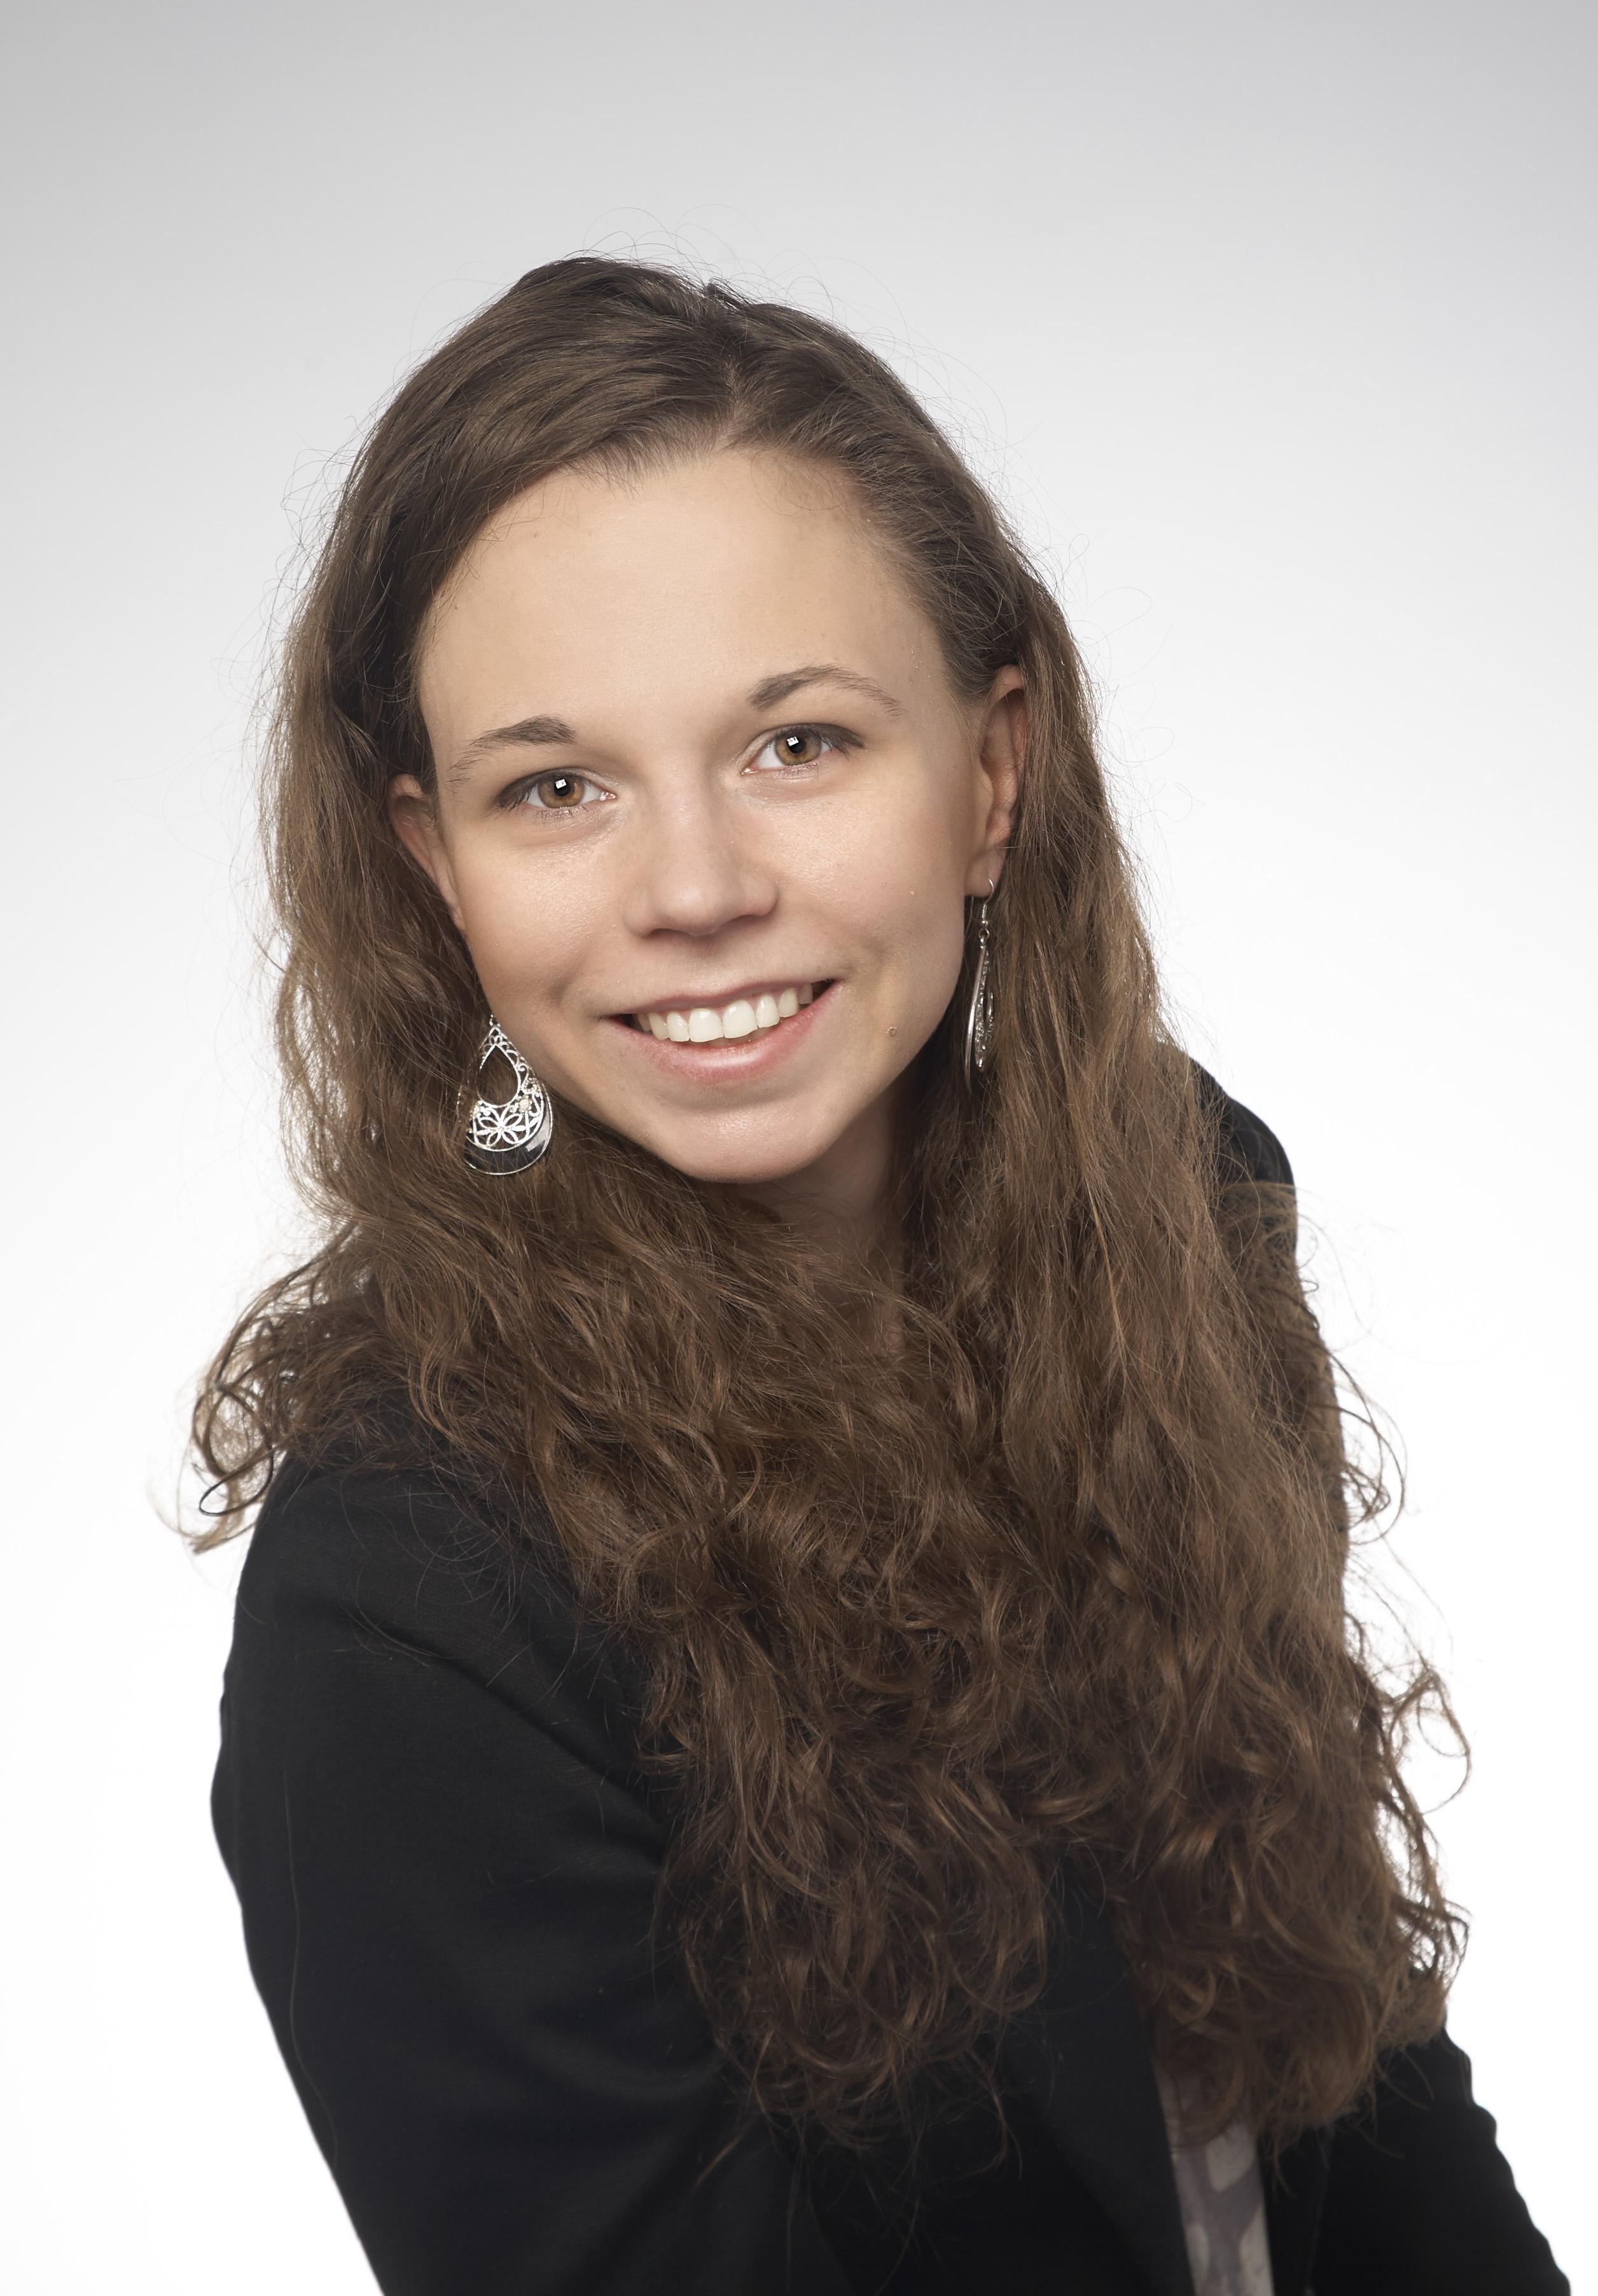 Zdjęcie przedstawia Agnieszka Wysokińska, to portret. Pani Agnieszka to młoda, uśmiechnięta kobieta, z długimi falowanymi włosami do połowy pleców.